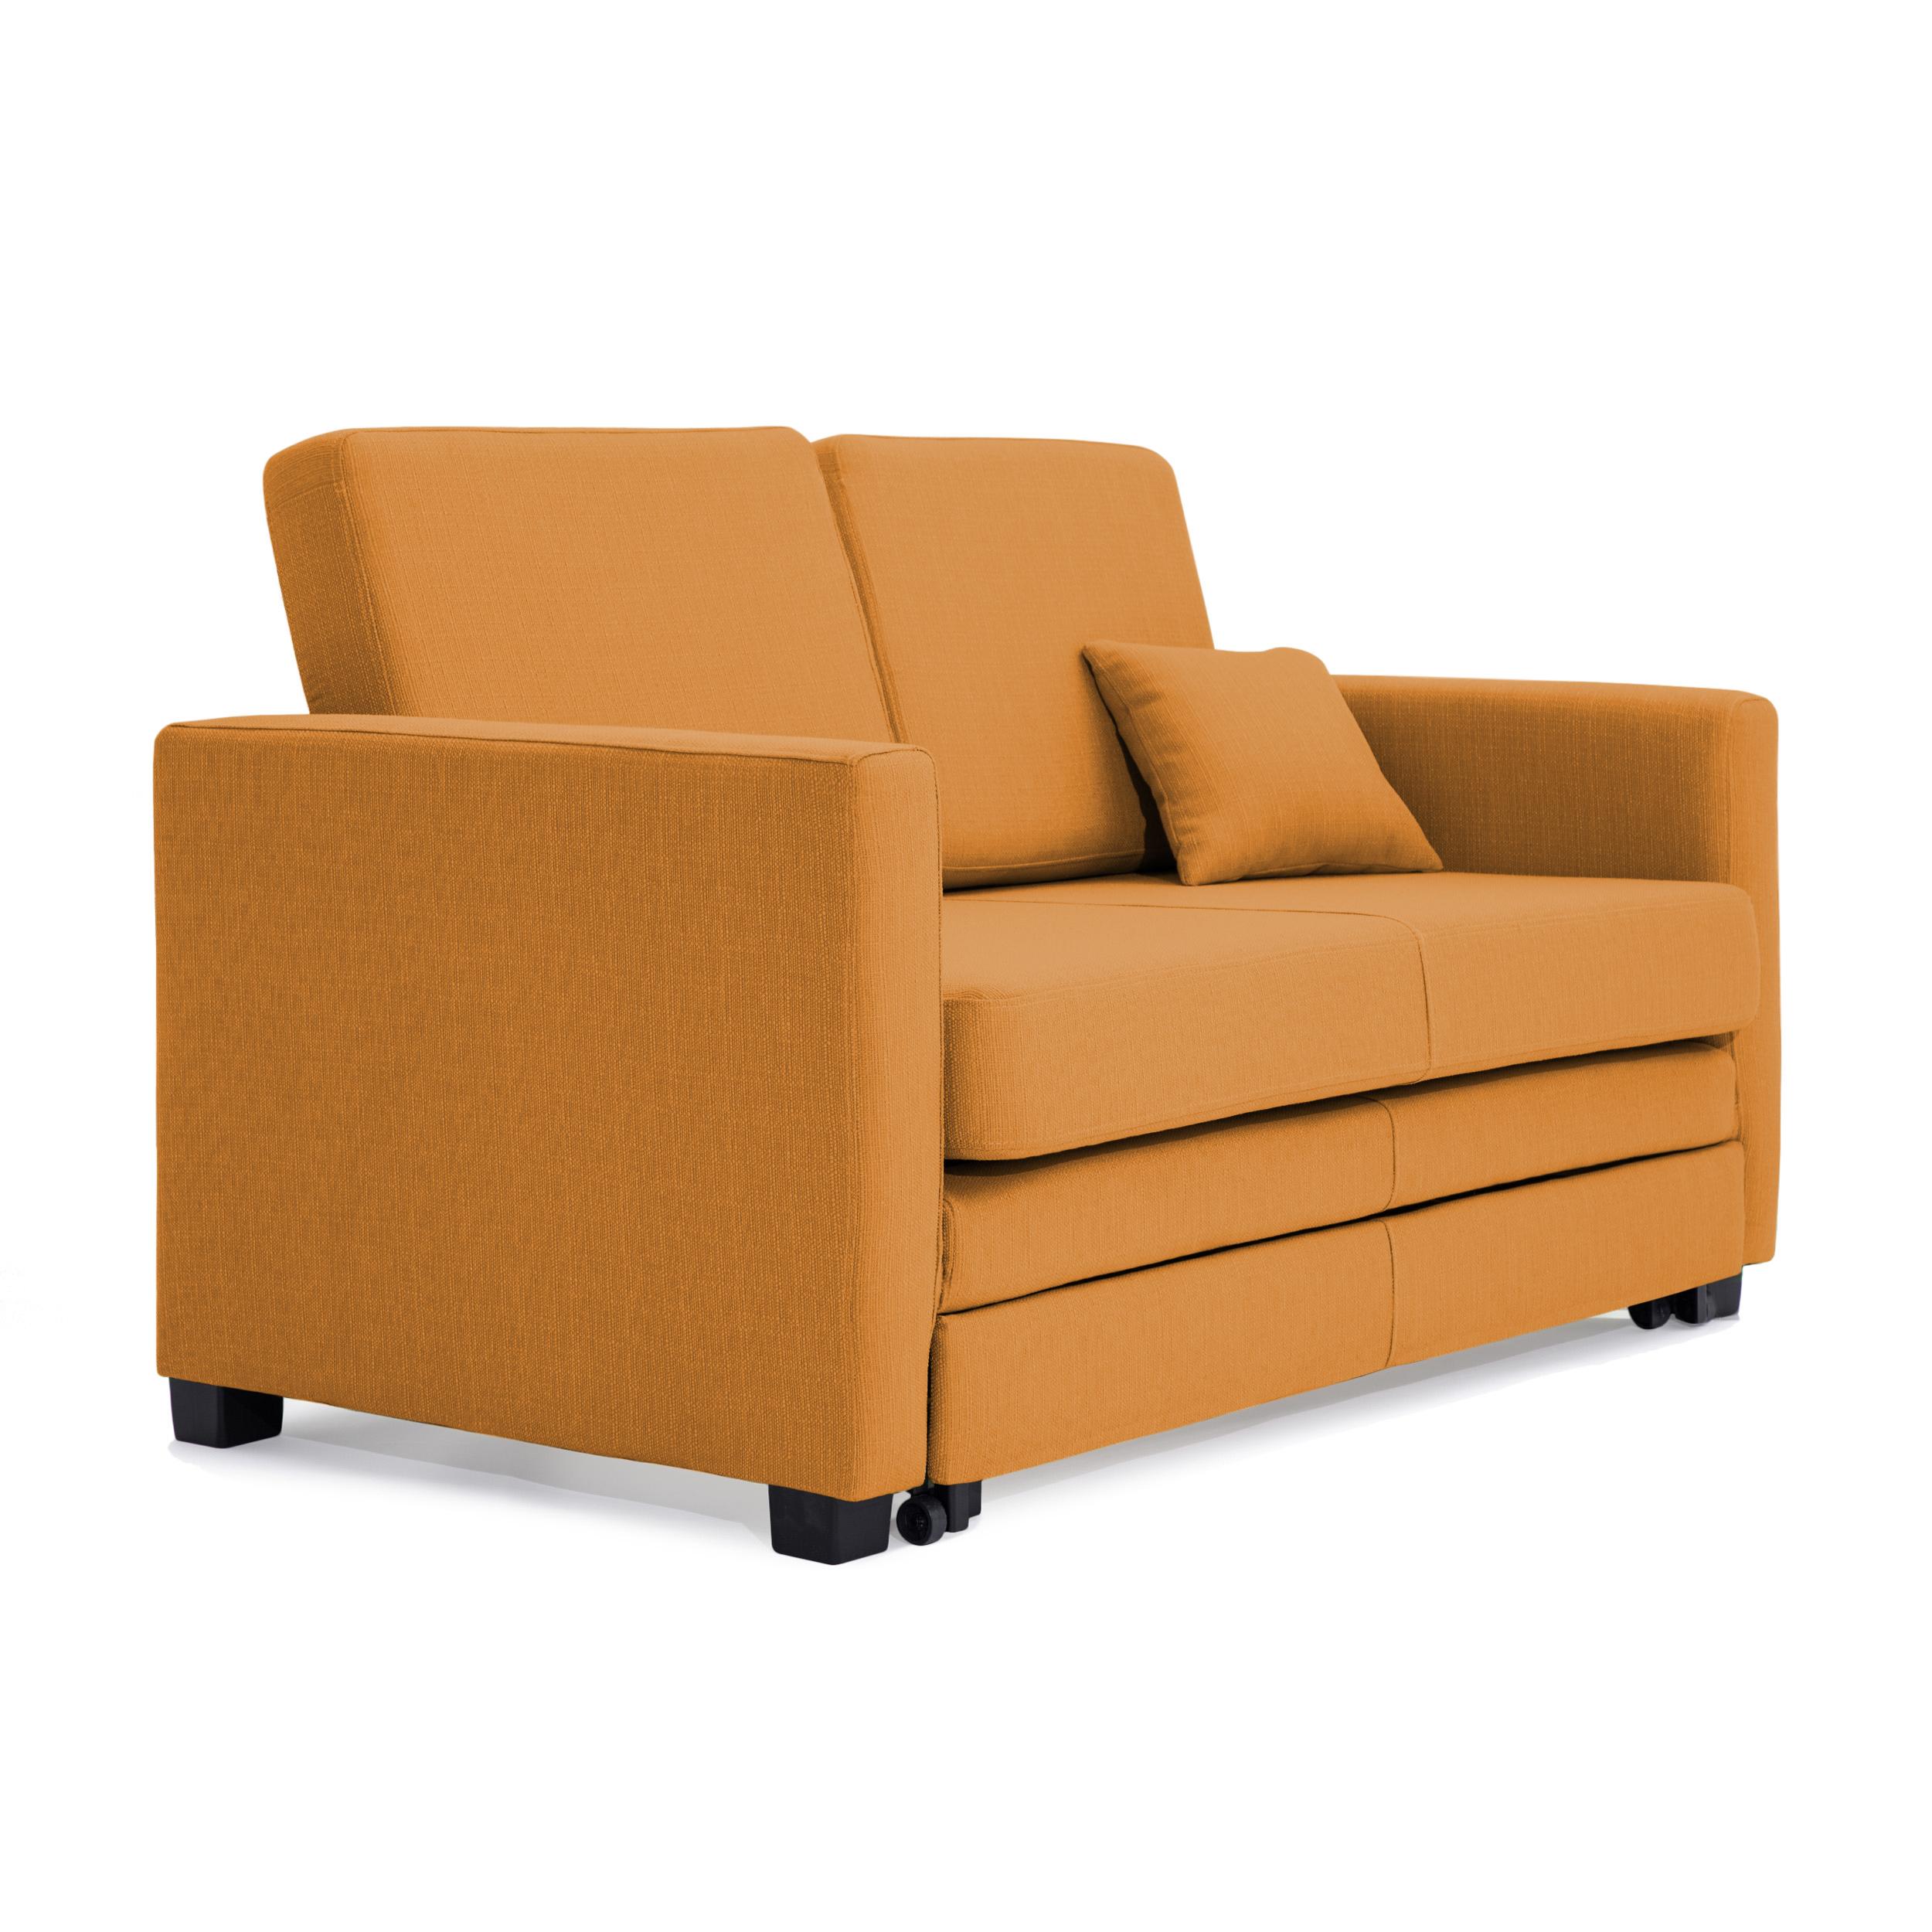 Canapea 2 locuri Brent Mustard